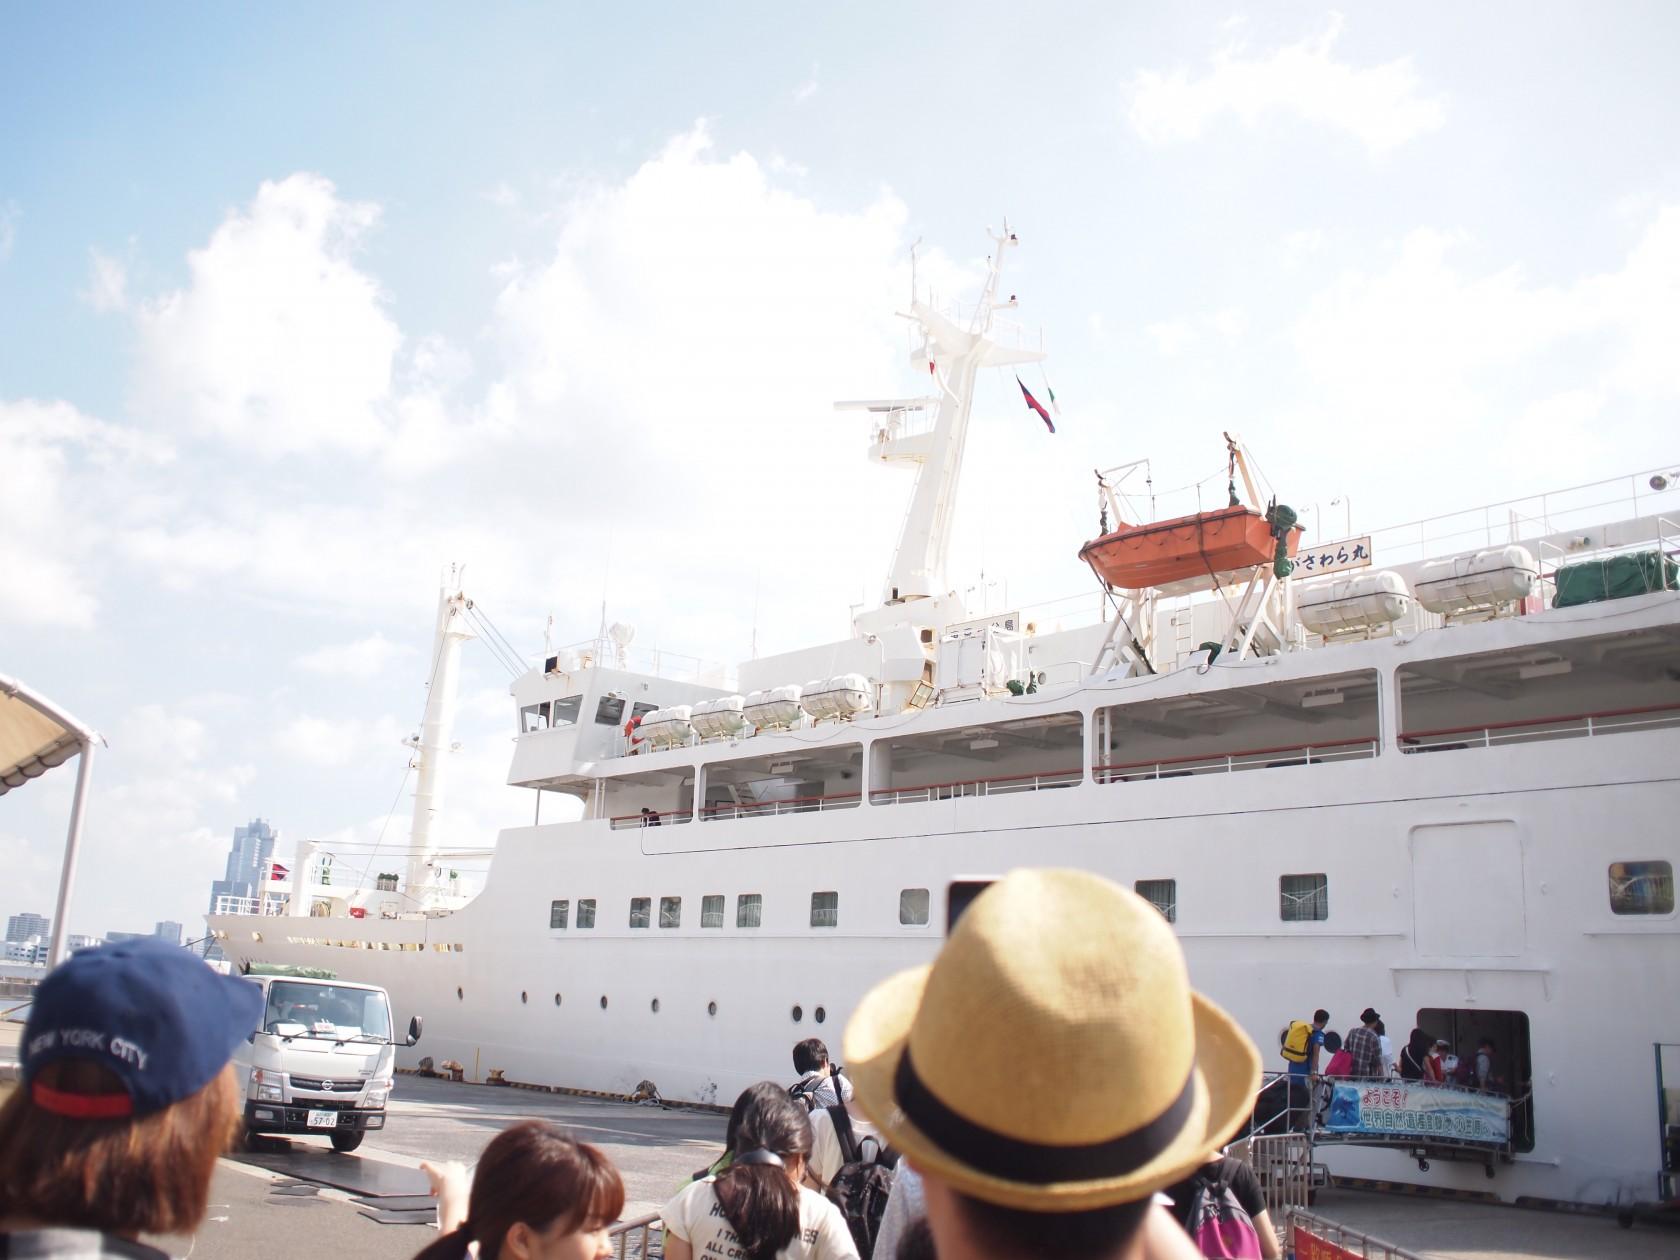 片道25時間半の船旅!小笠原諸島 父島行きのフェリー・おがさわら丸乗船レポート!